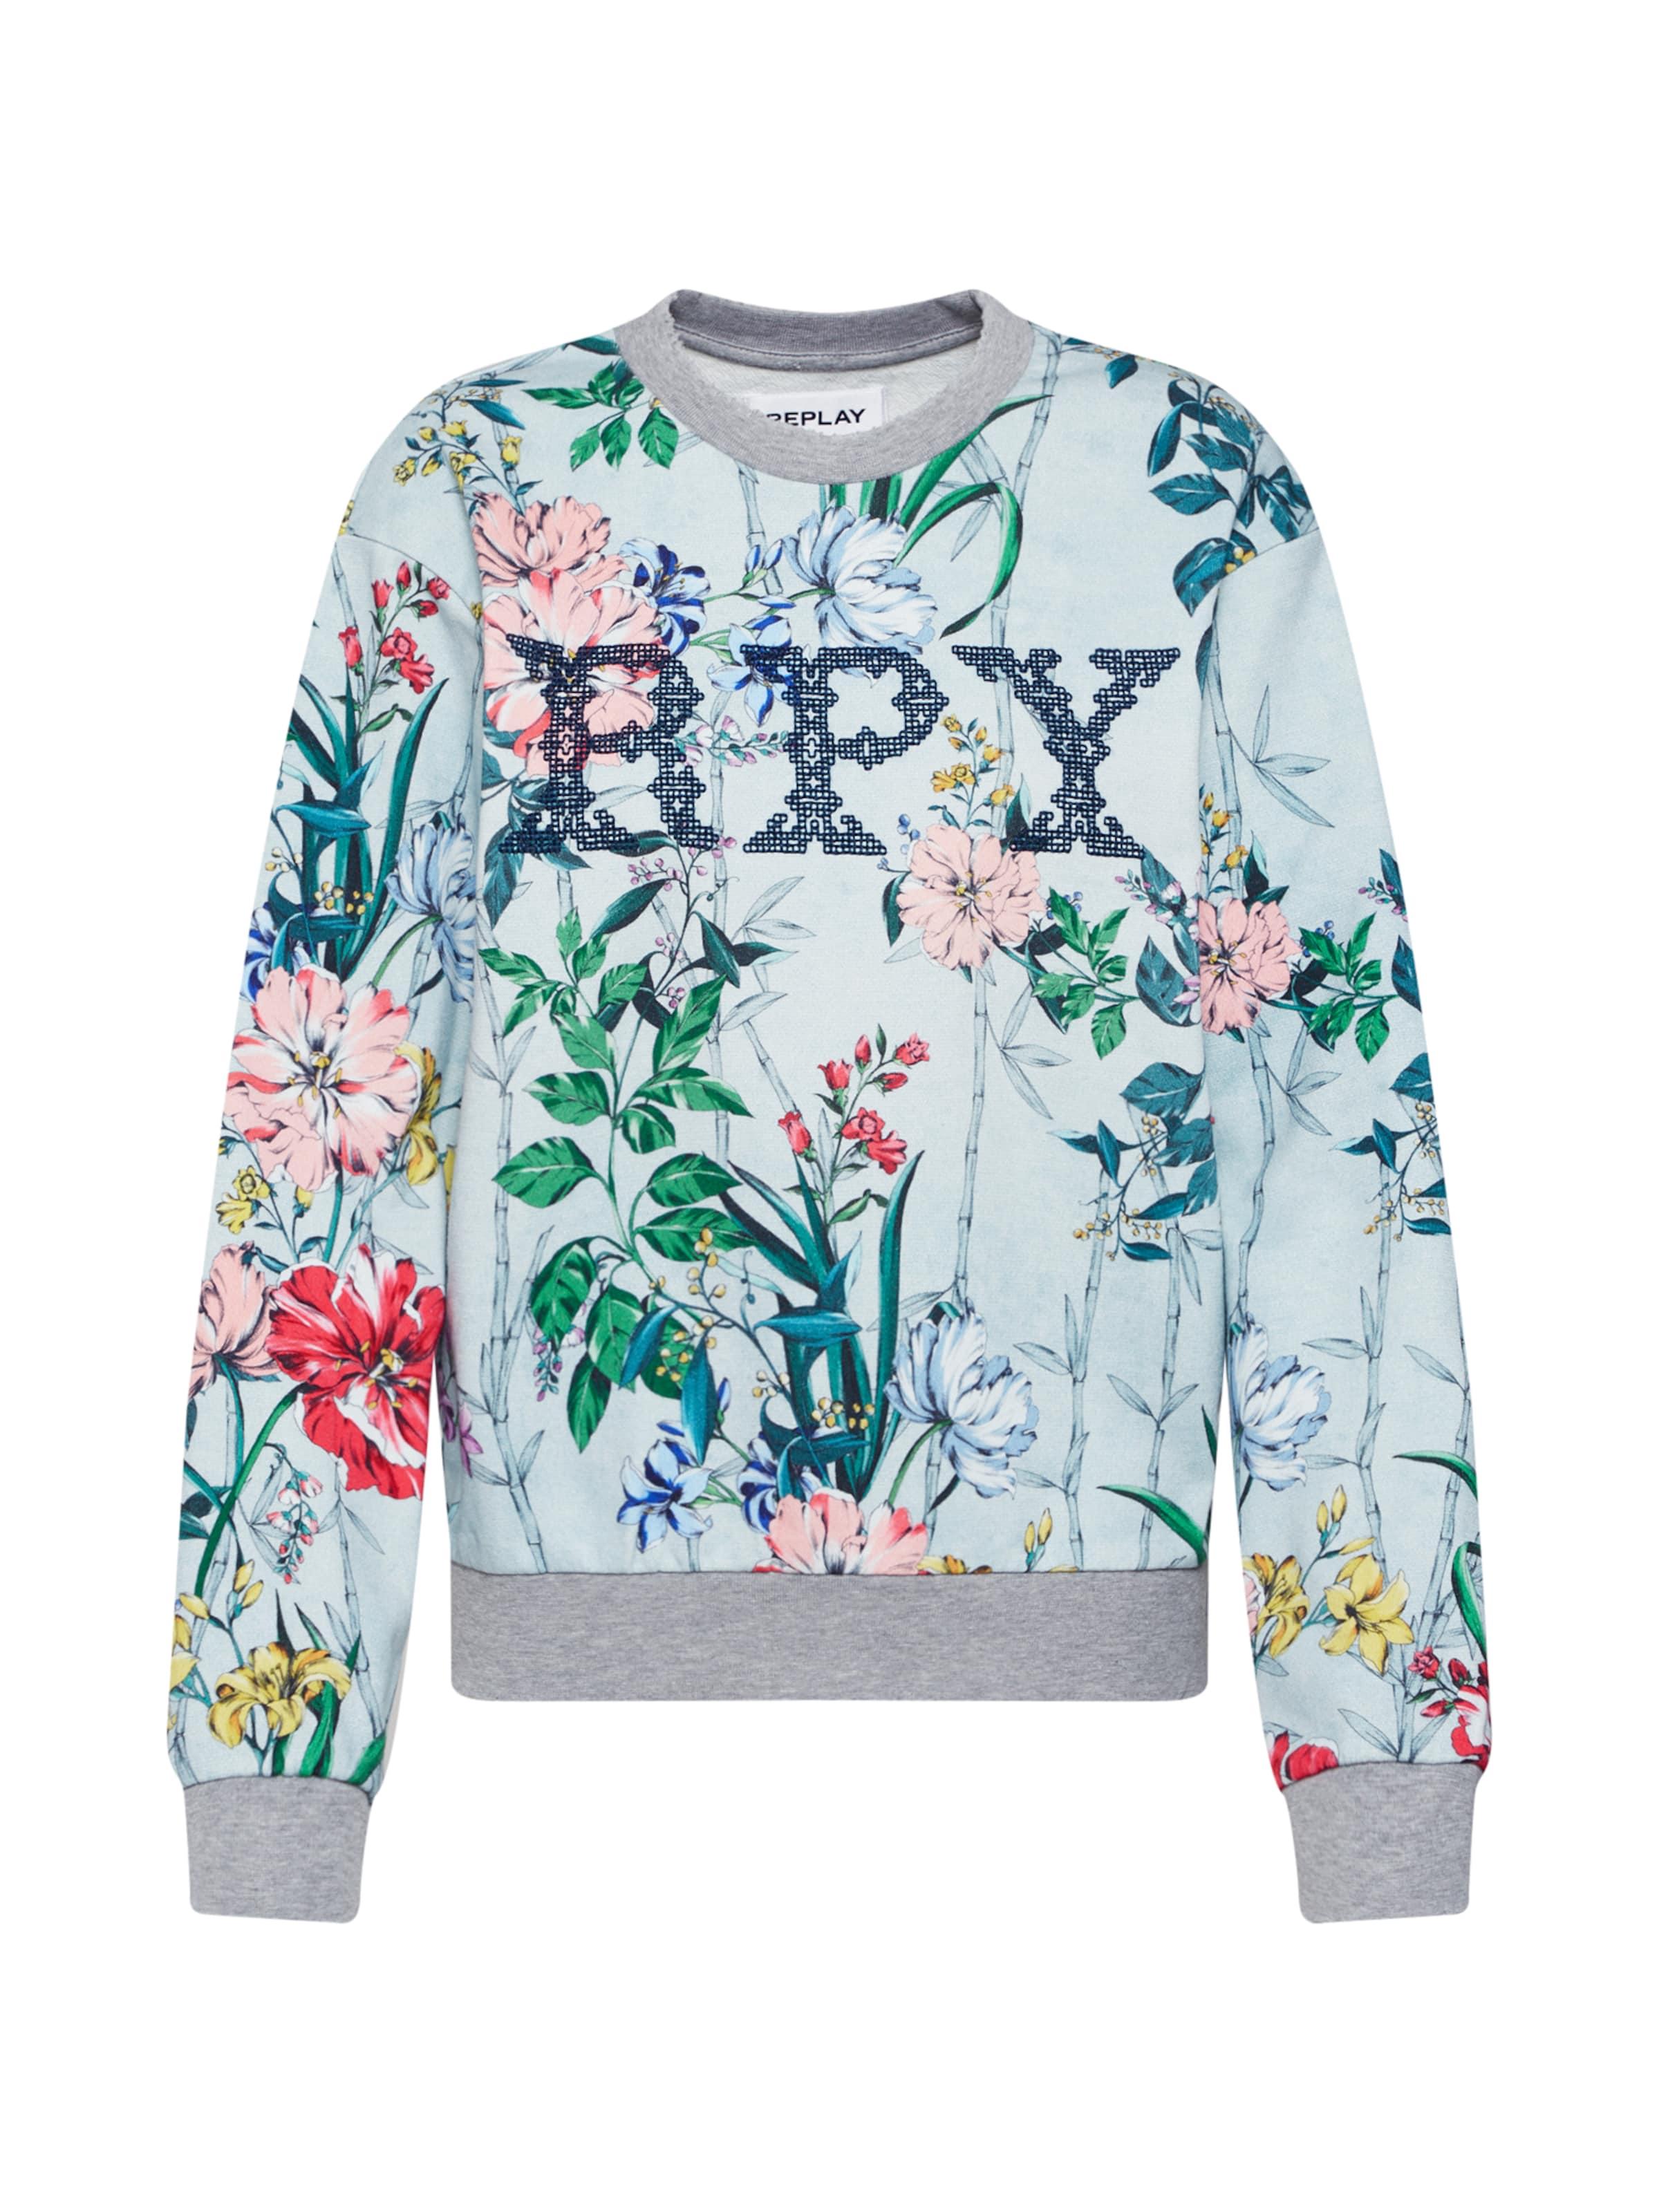 HellblauMischfarben Sweatshirt In Replay In Sweatshirt In HellblauMischfarben Replay Replay Sweatshirt vwON0m8n